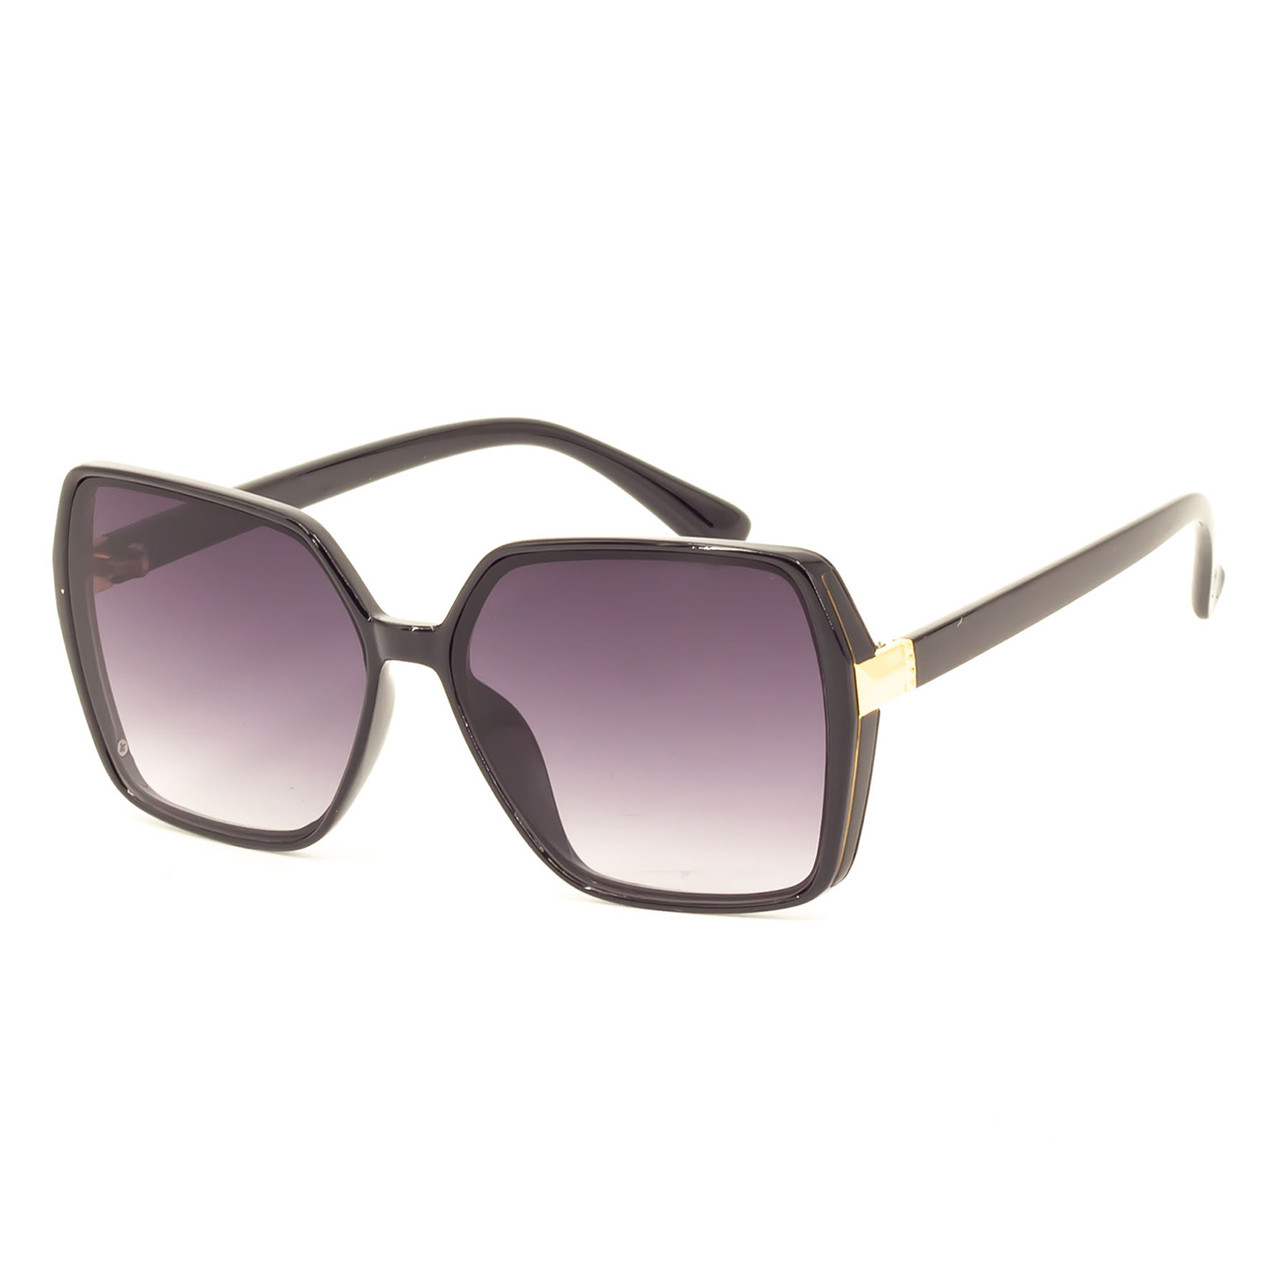 Солнцезащитные очки Marmilen 338622 C1 черные     ( MA338622-01 )